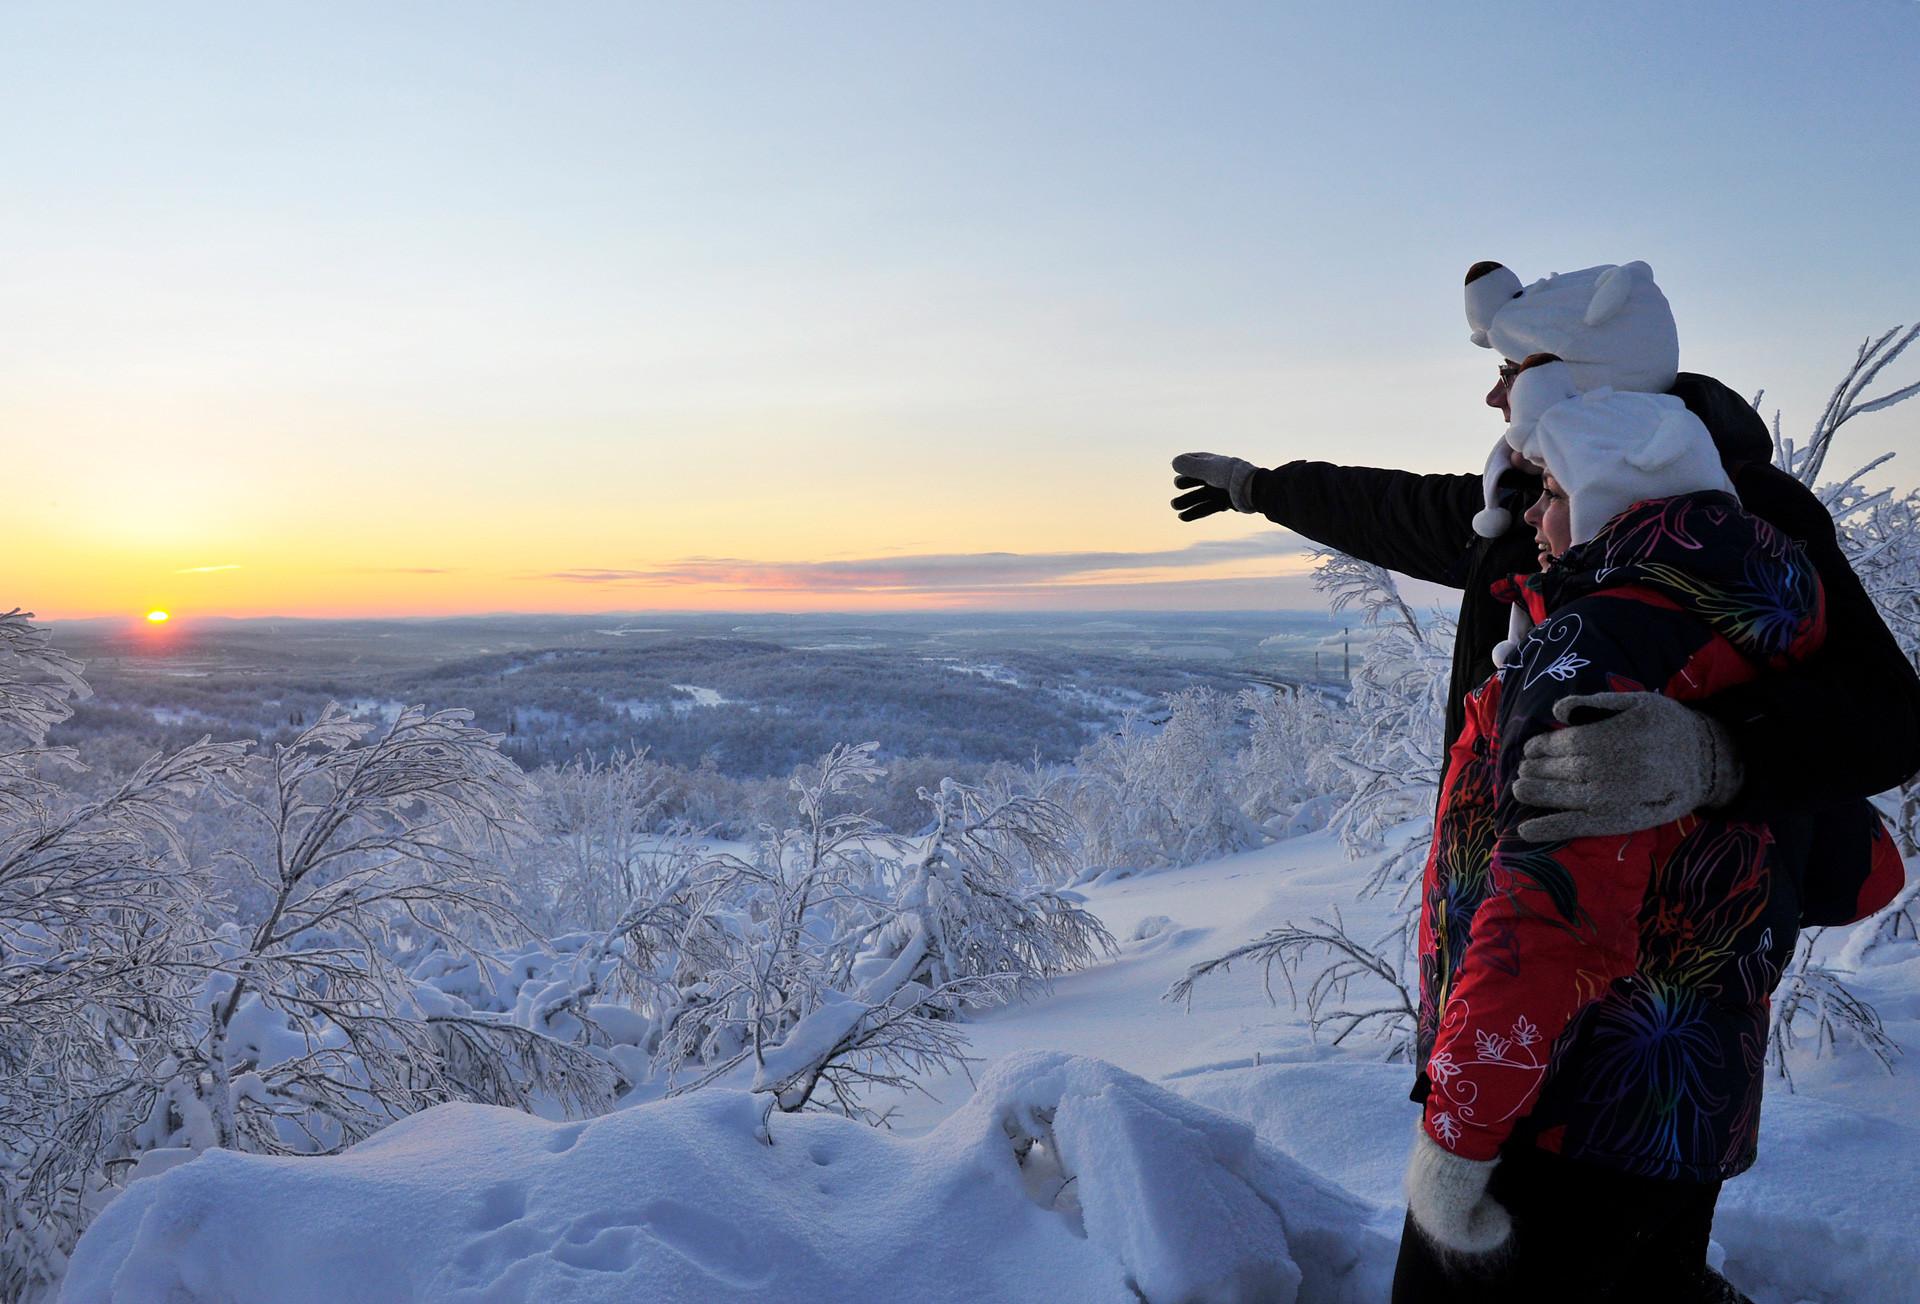 Dua warga Murmansk menyambut matahari terbit untuk pertama kalinya sejak awal Desember 2017 yang menandai berakhirnya malam kutub.